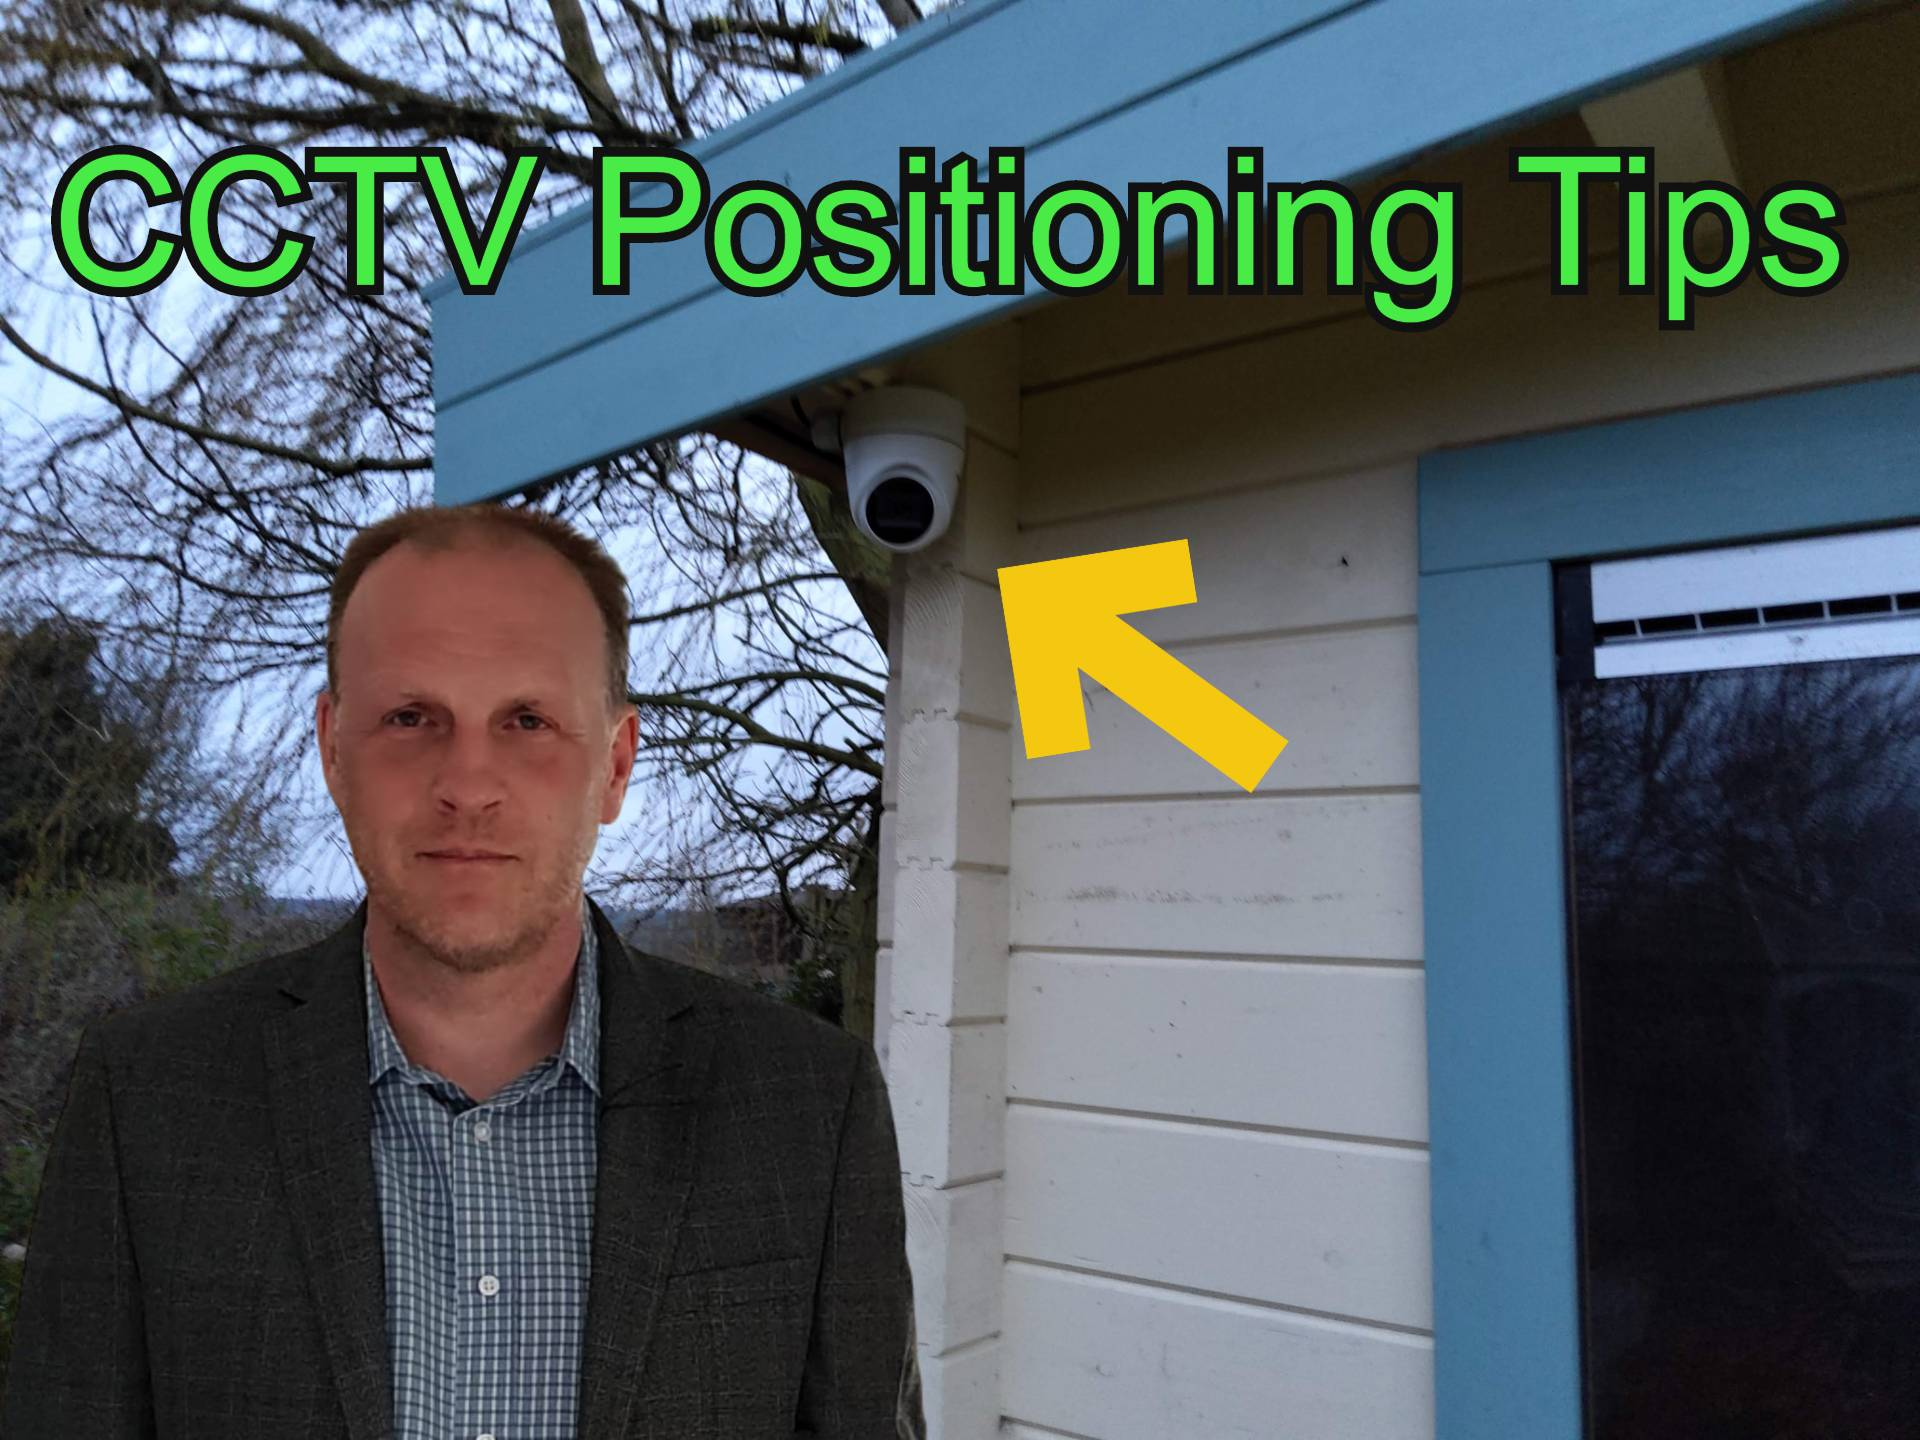 CCTV Positioning Tips